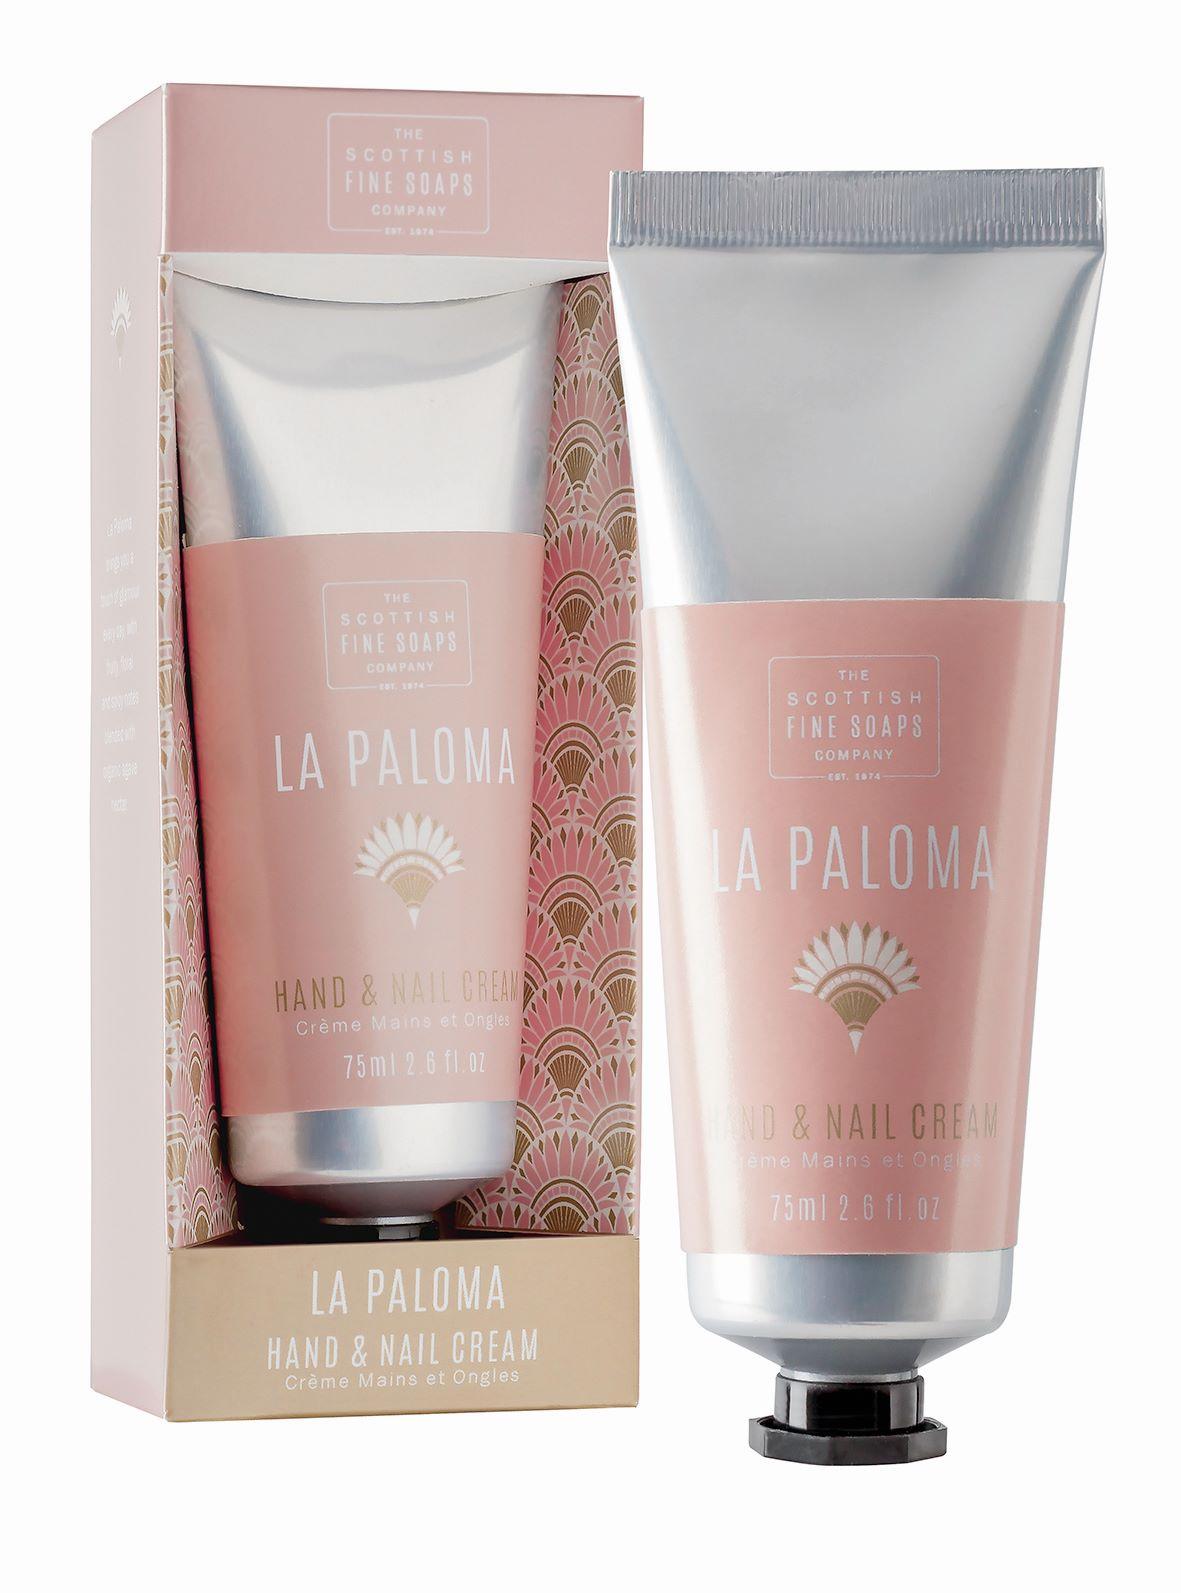 LA PALOMA HAND & NAIL CREAM